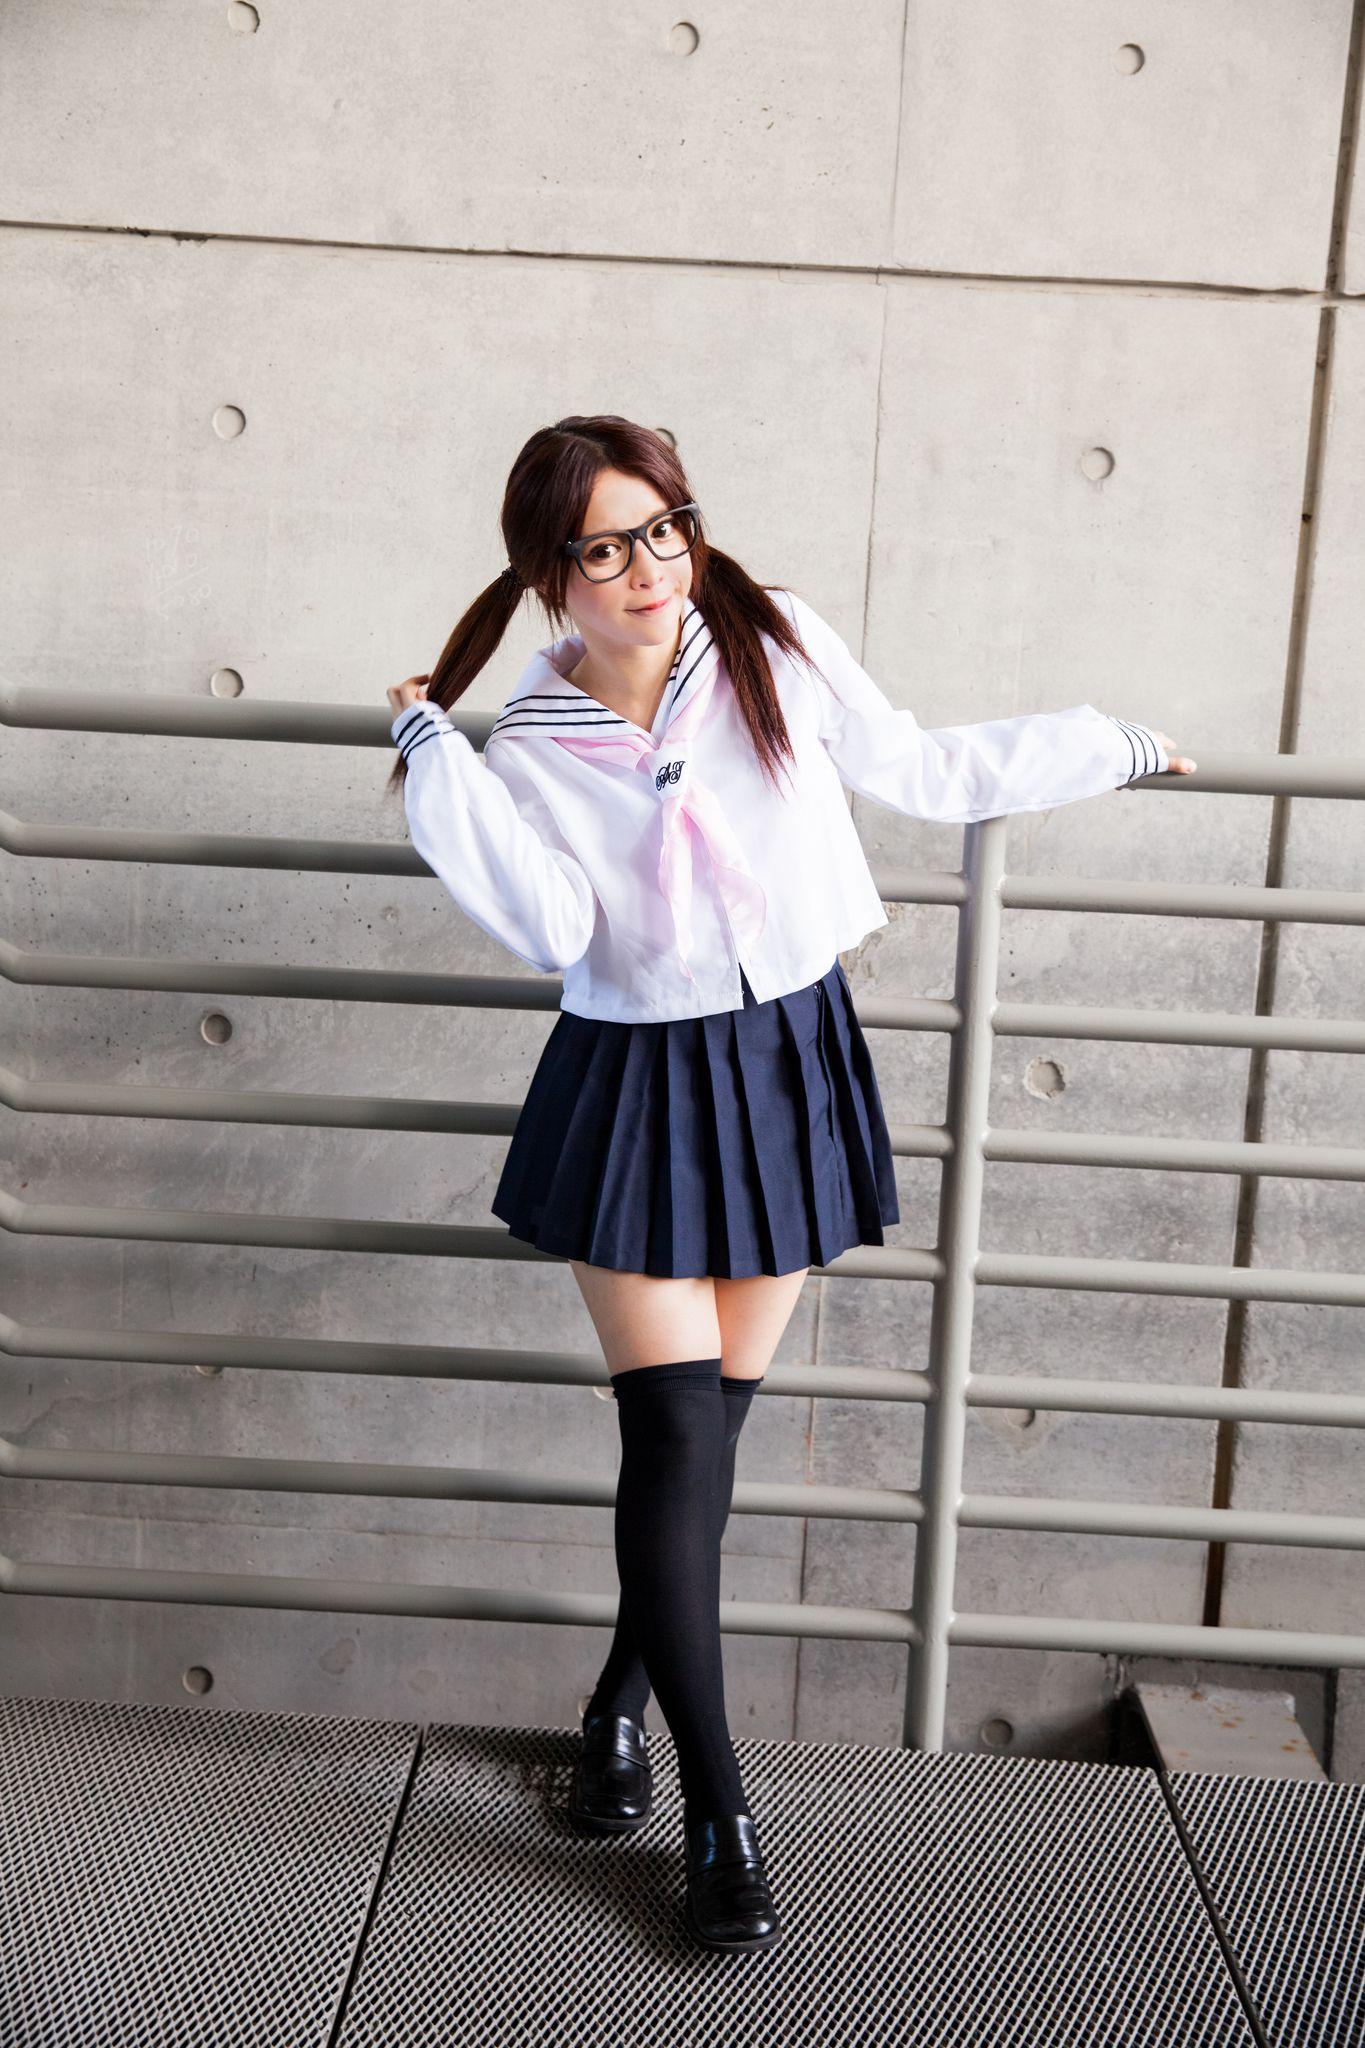 VOL.1191 [台湾正妹]校服可爱萝莉控美少女乙女明星:张齐郡(Julie)高品质写真套图(92P)